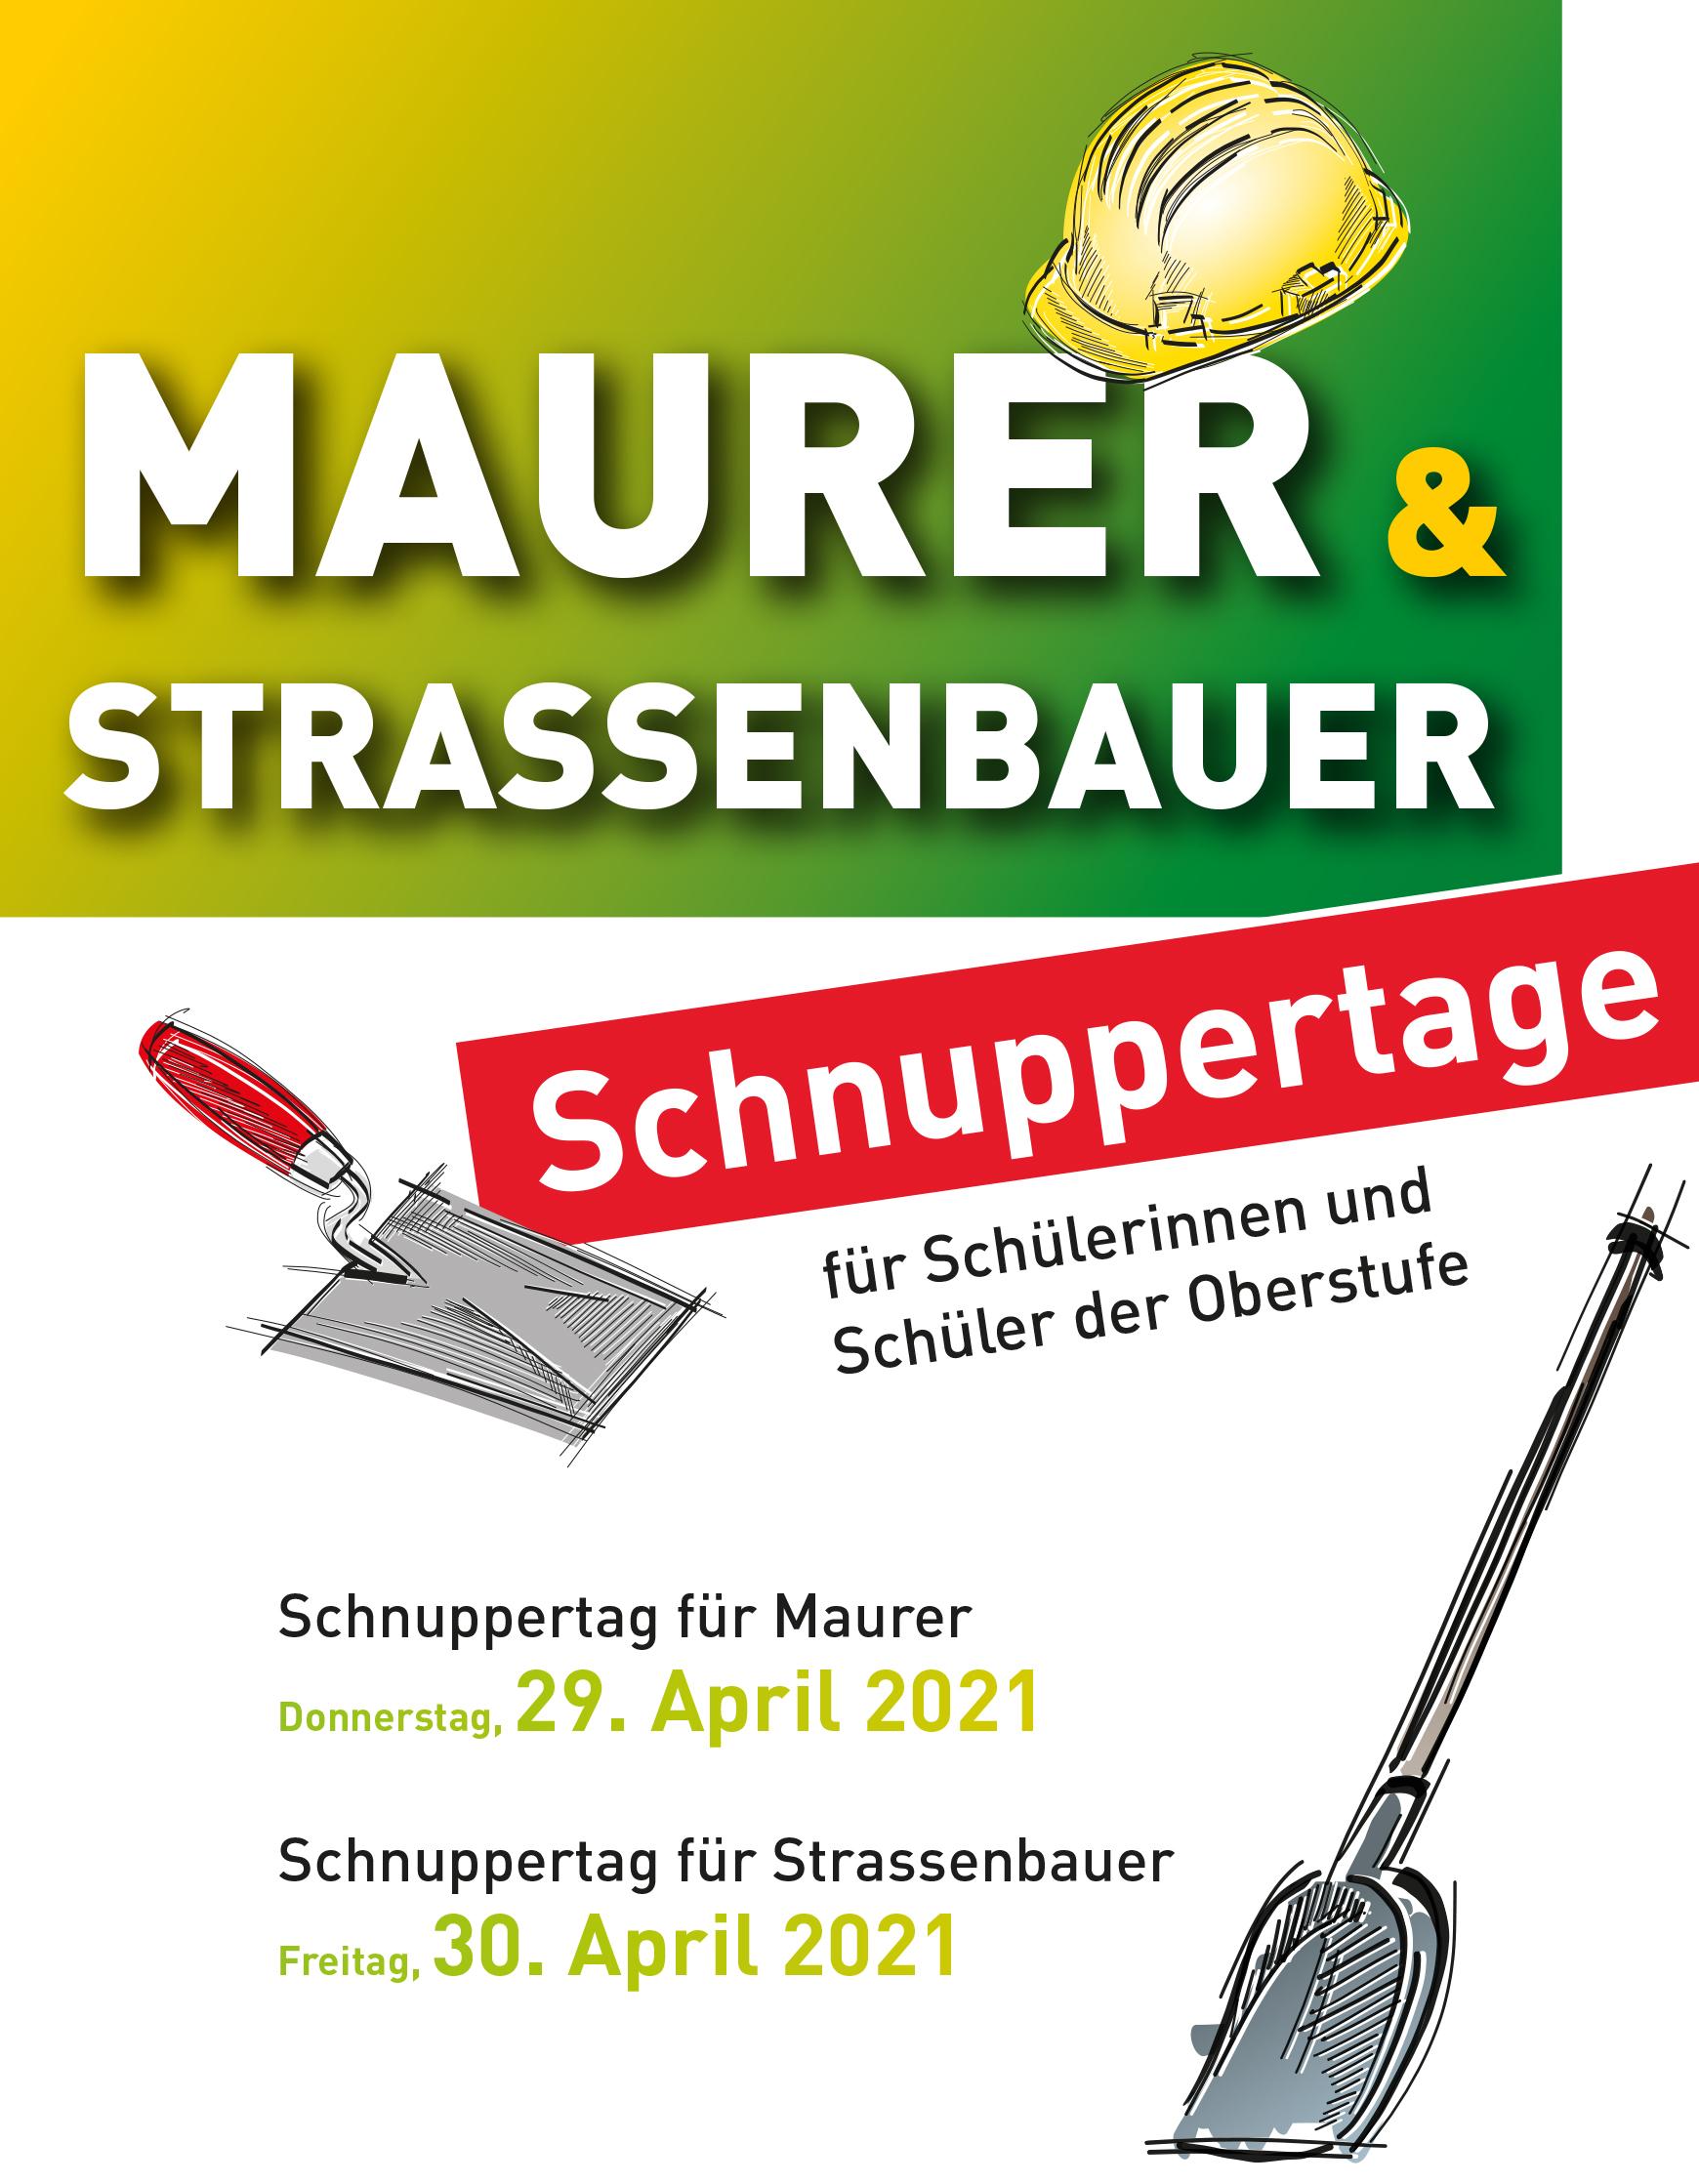 Schnuppertag Maurer und Strassenbauer